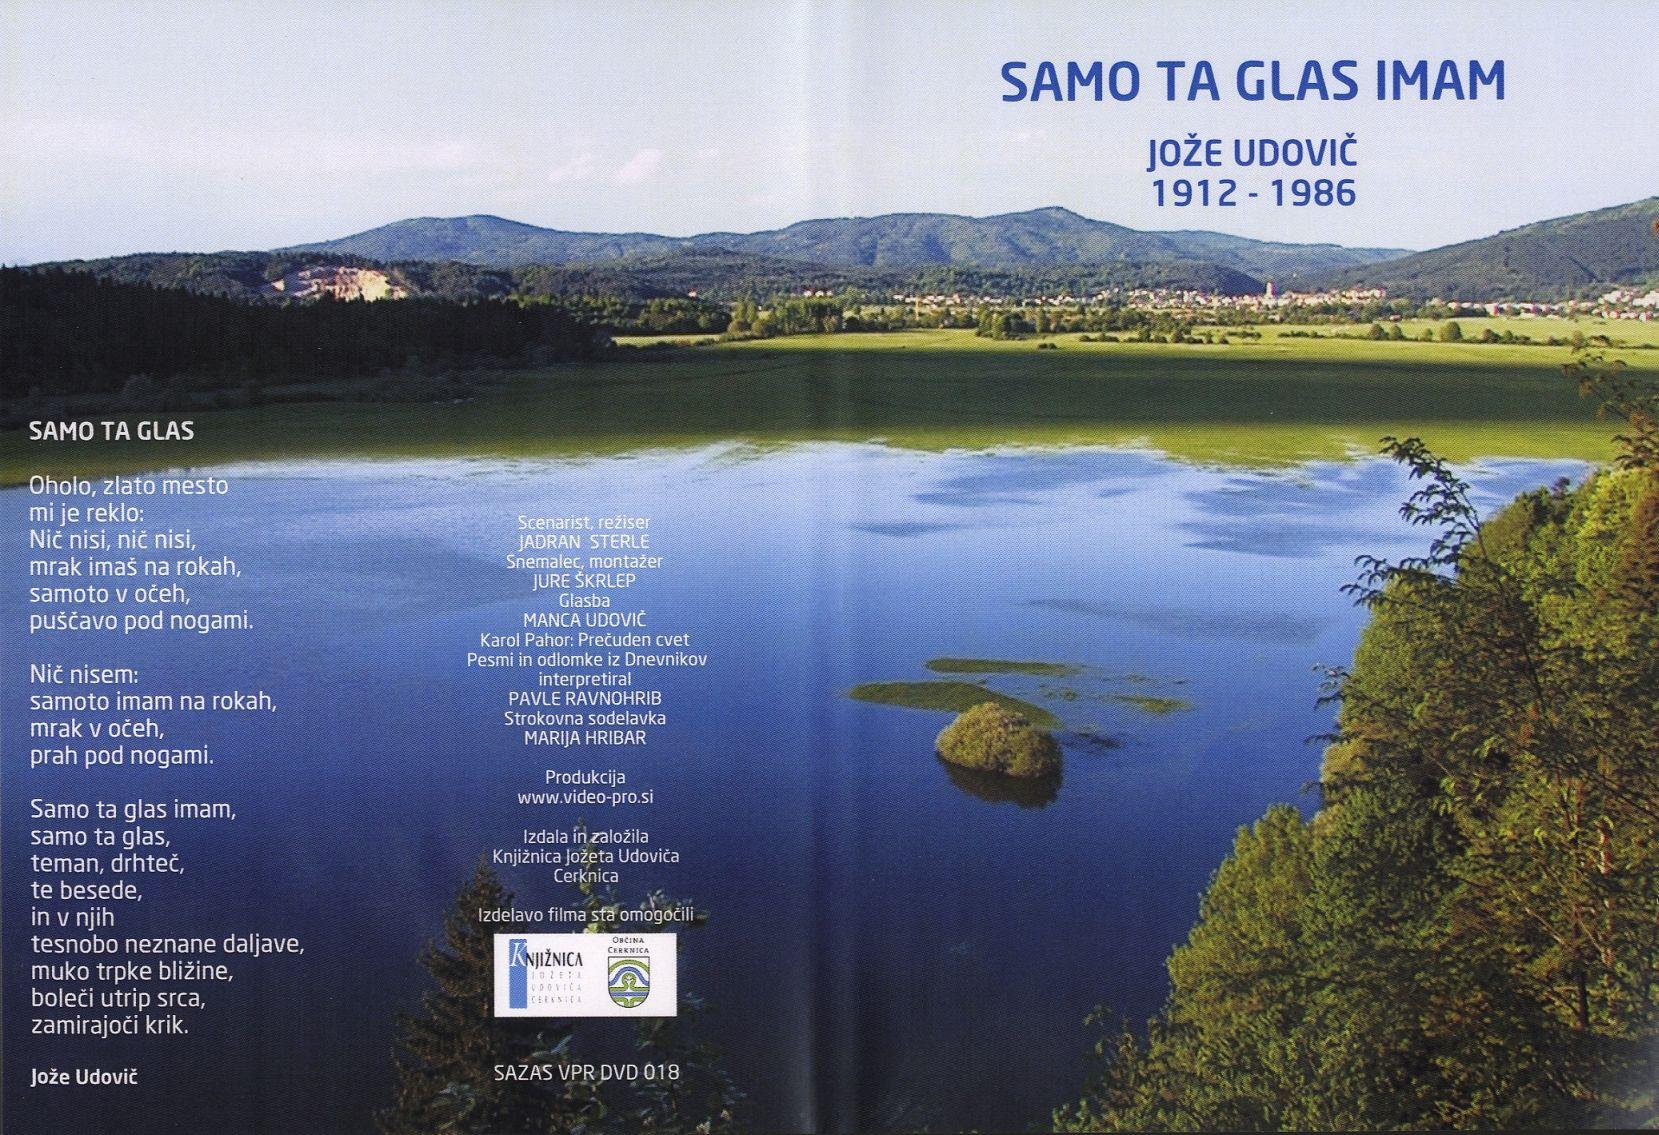 udovic130 - Samo ta glas imam : Jože Udovič 1912-1986